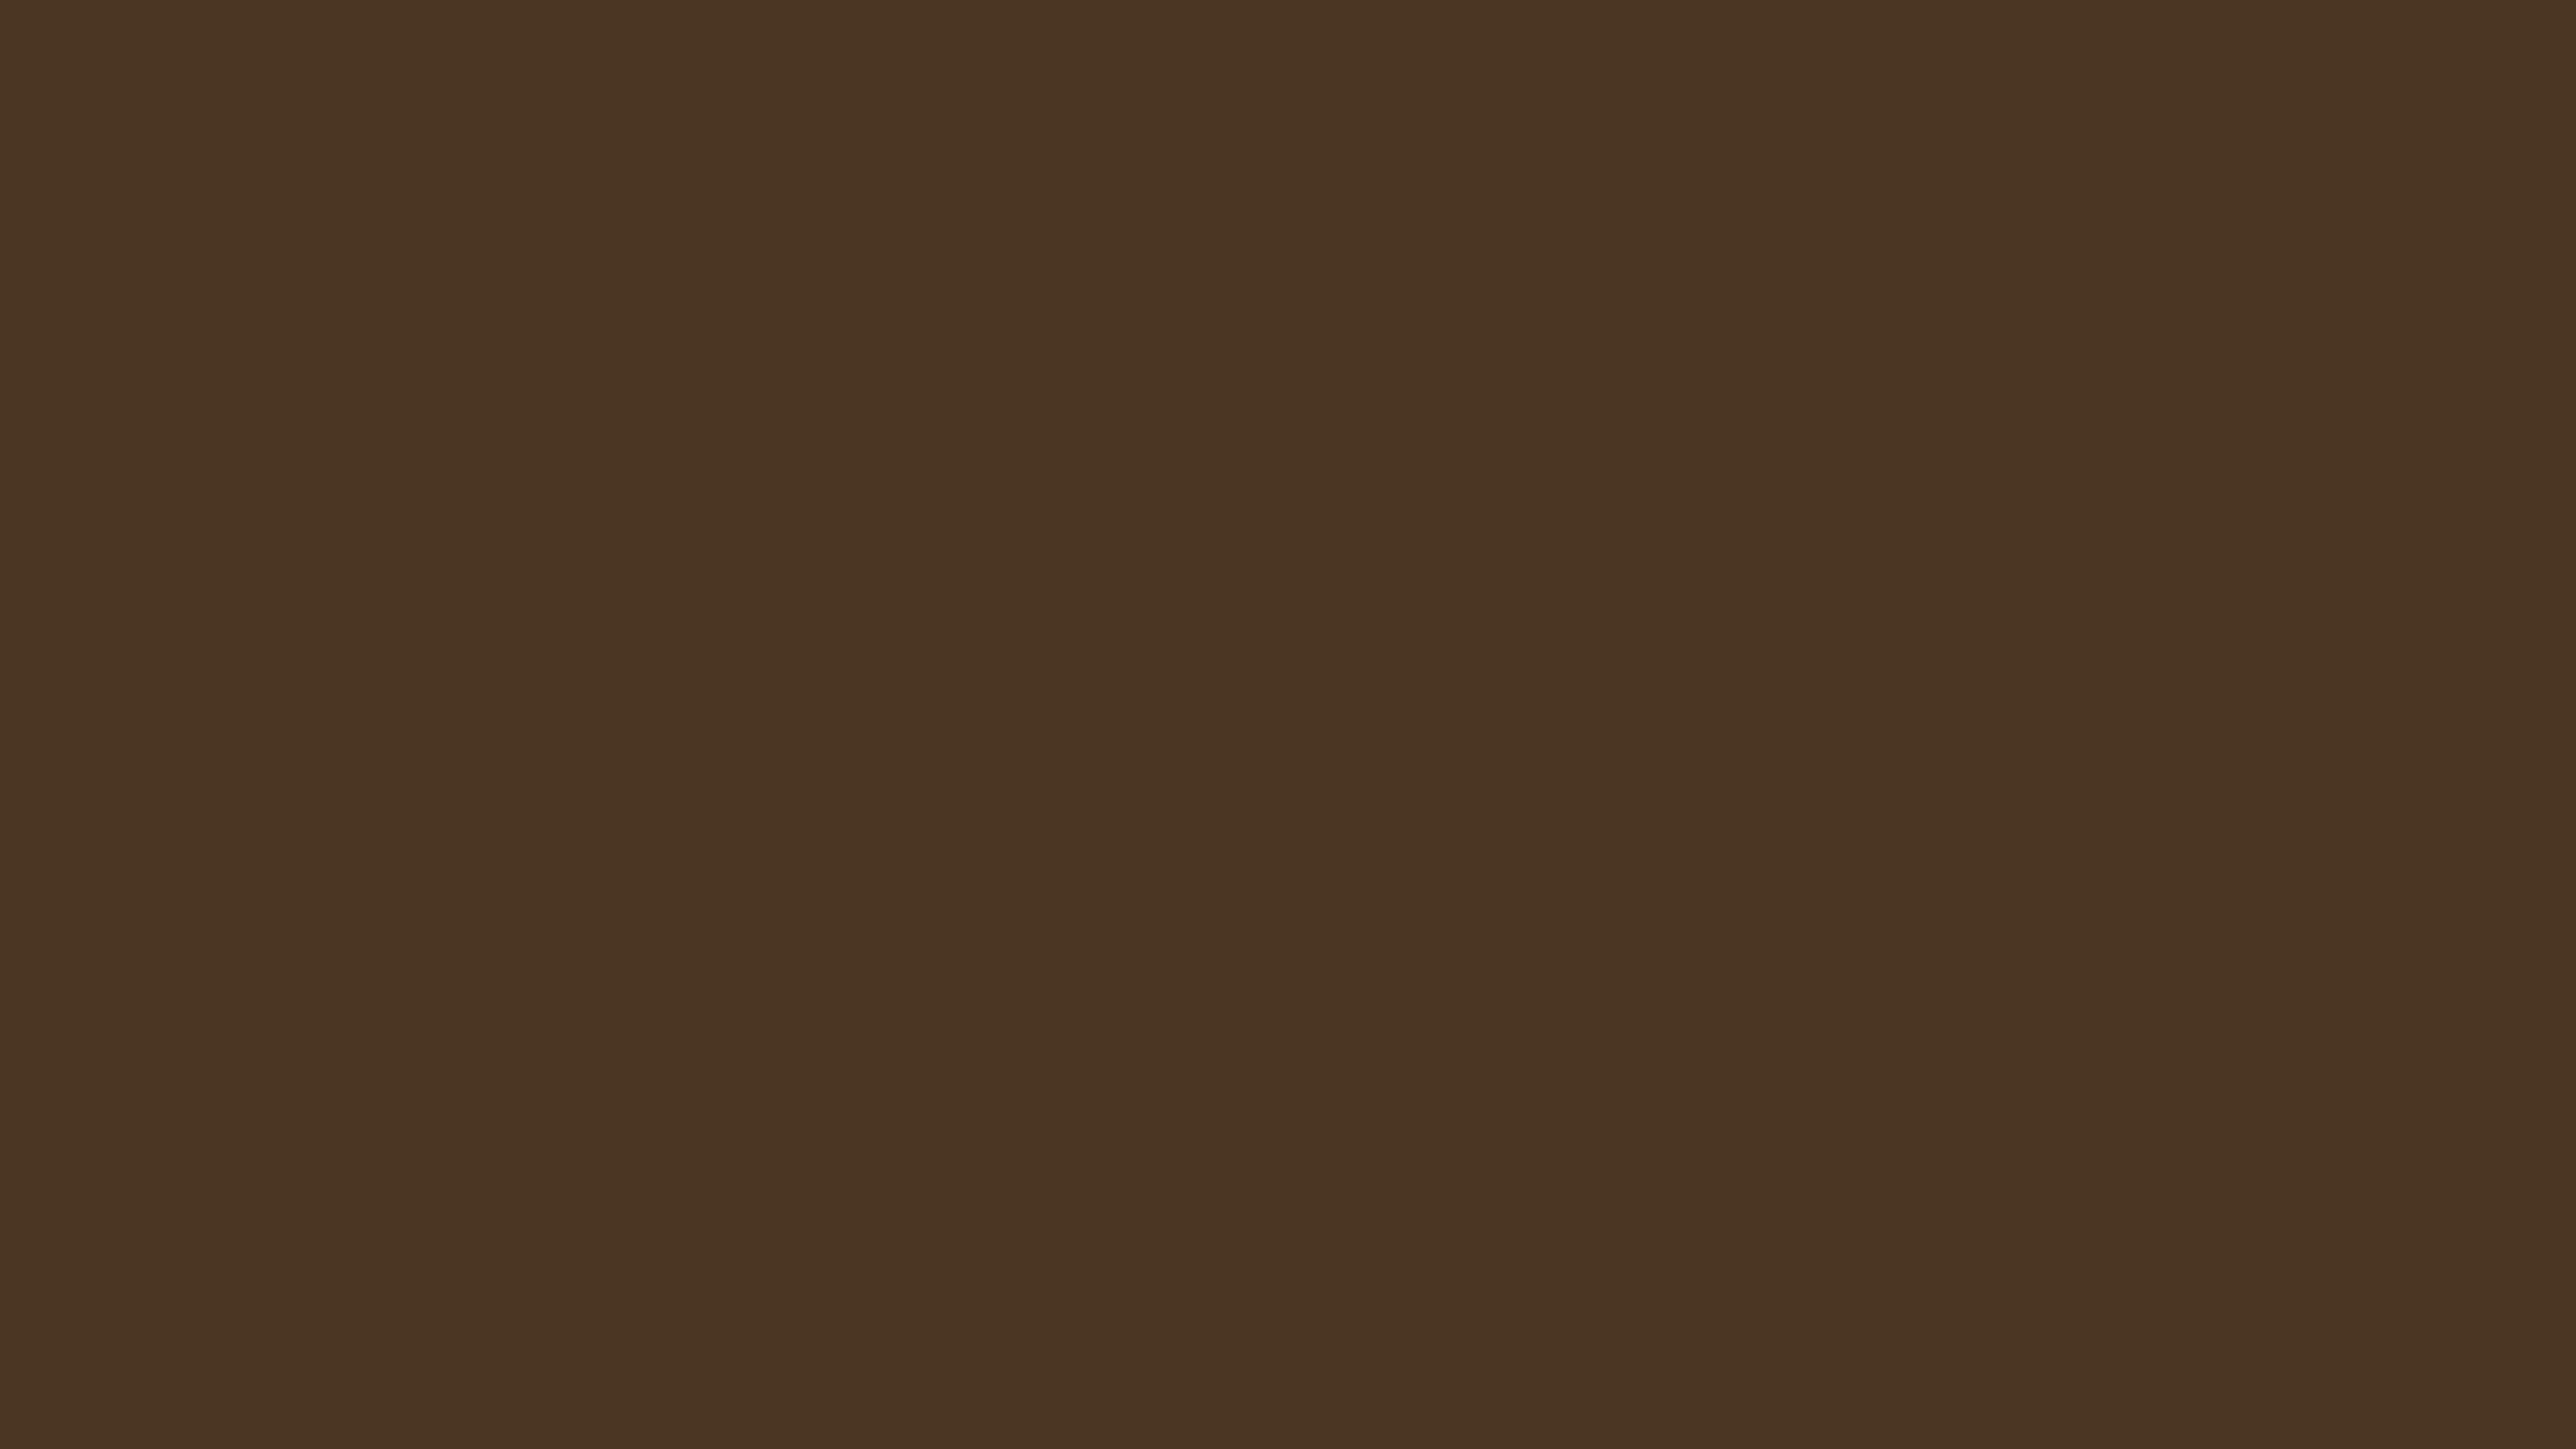 4096x2304 Cafe Noir Solid Color Background